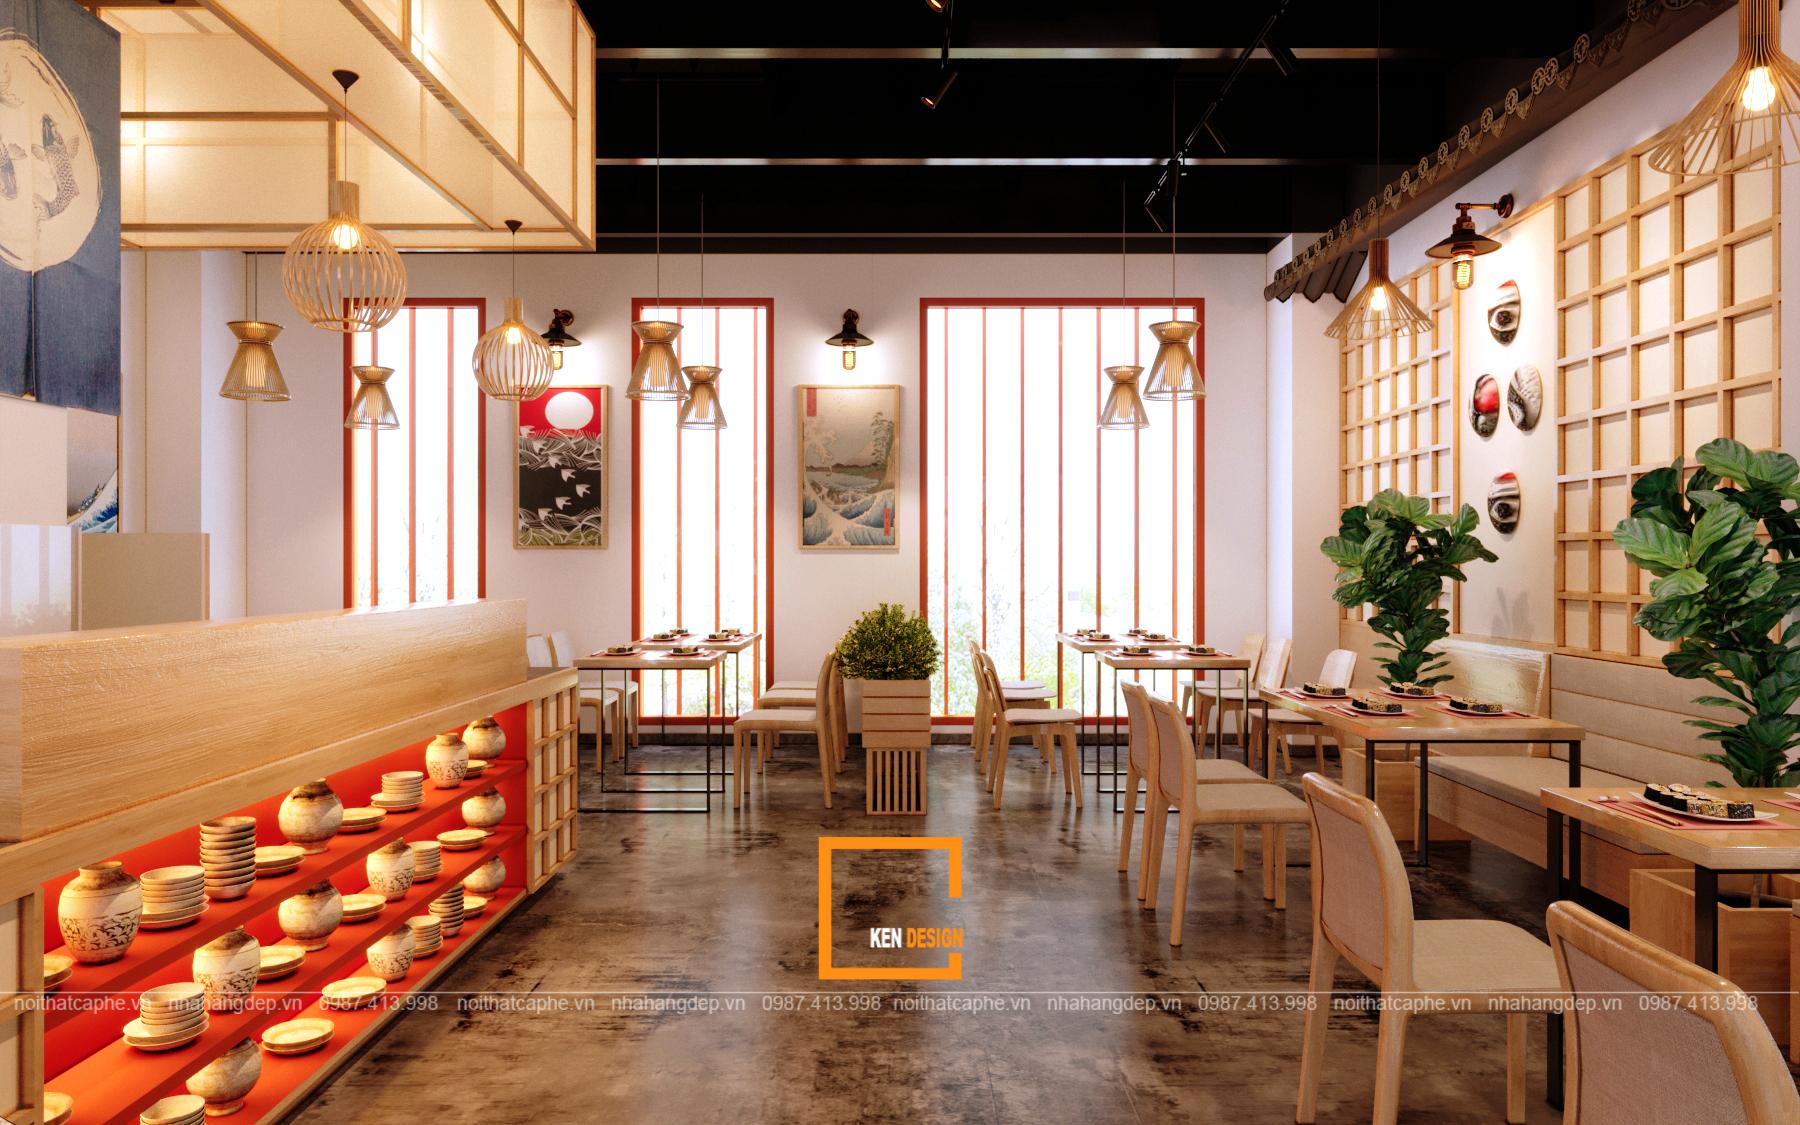 thiet ke nha hang sekai sushi cua anh long tại vung tau 3 - Thiết kế nhà hàng SeKai Sushi độc đáo tại Vũng Tàu